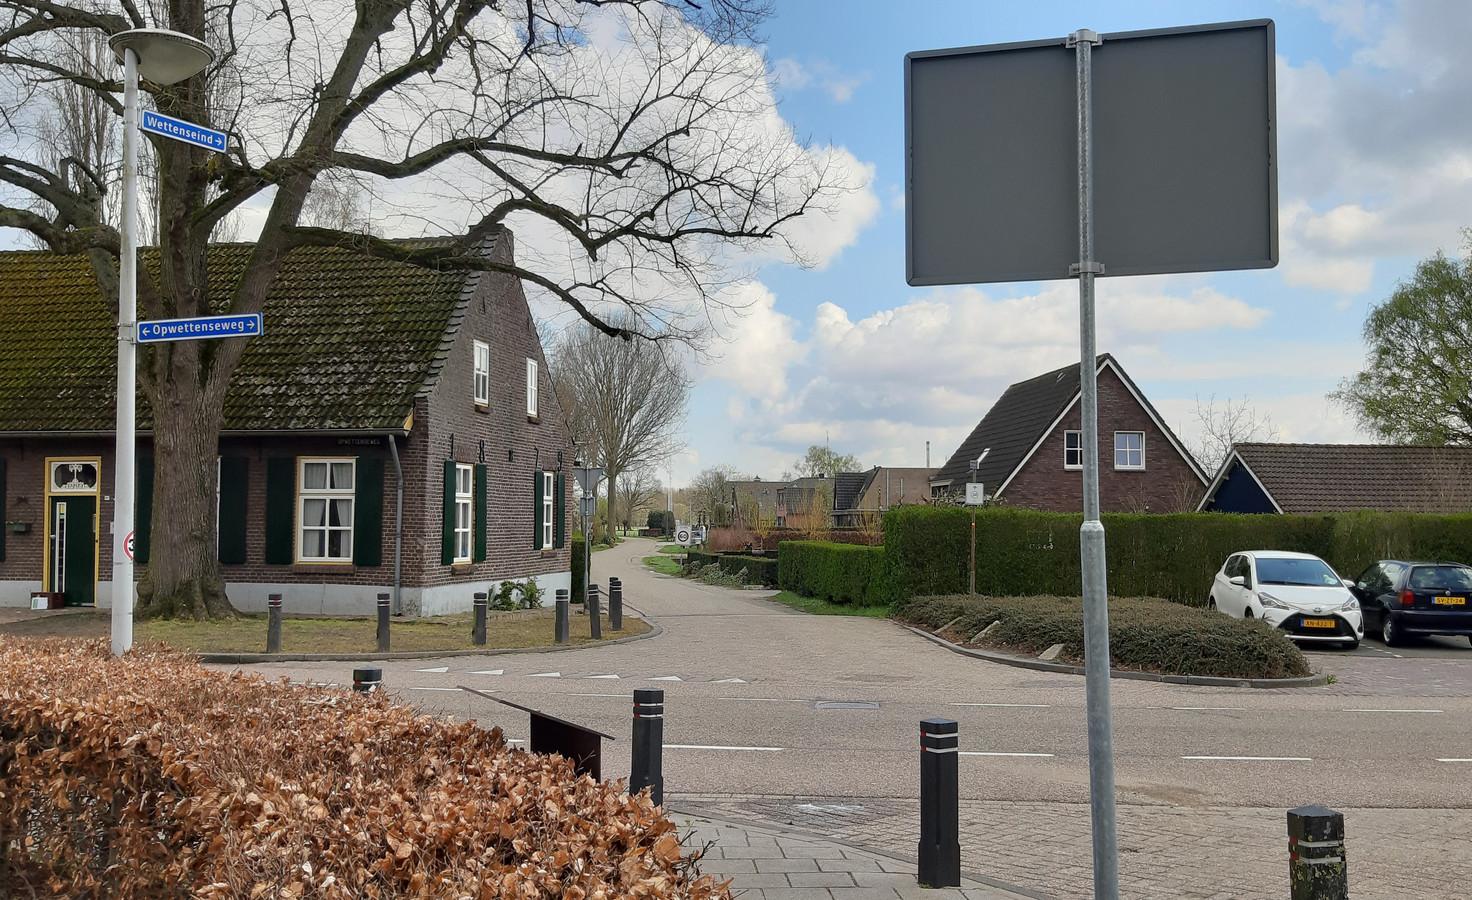 De kruising van de Opwettenseweg met het Wettenseind in Nuenen. Over laatstgenoemde weg komt, een eind verderop in oostelijke richting, een ontsluitingsweg voor het zuidelijke deel van Nuenen-West.